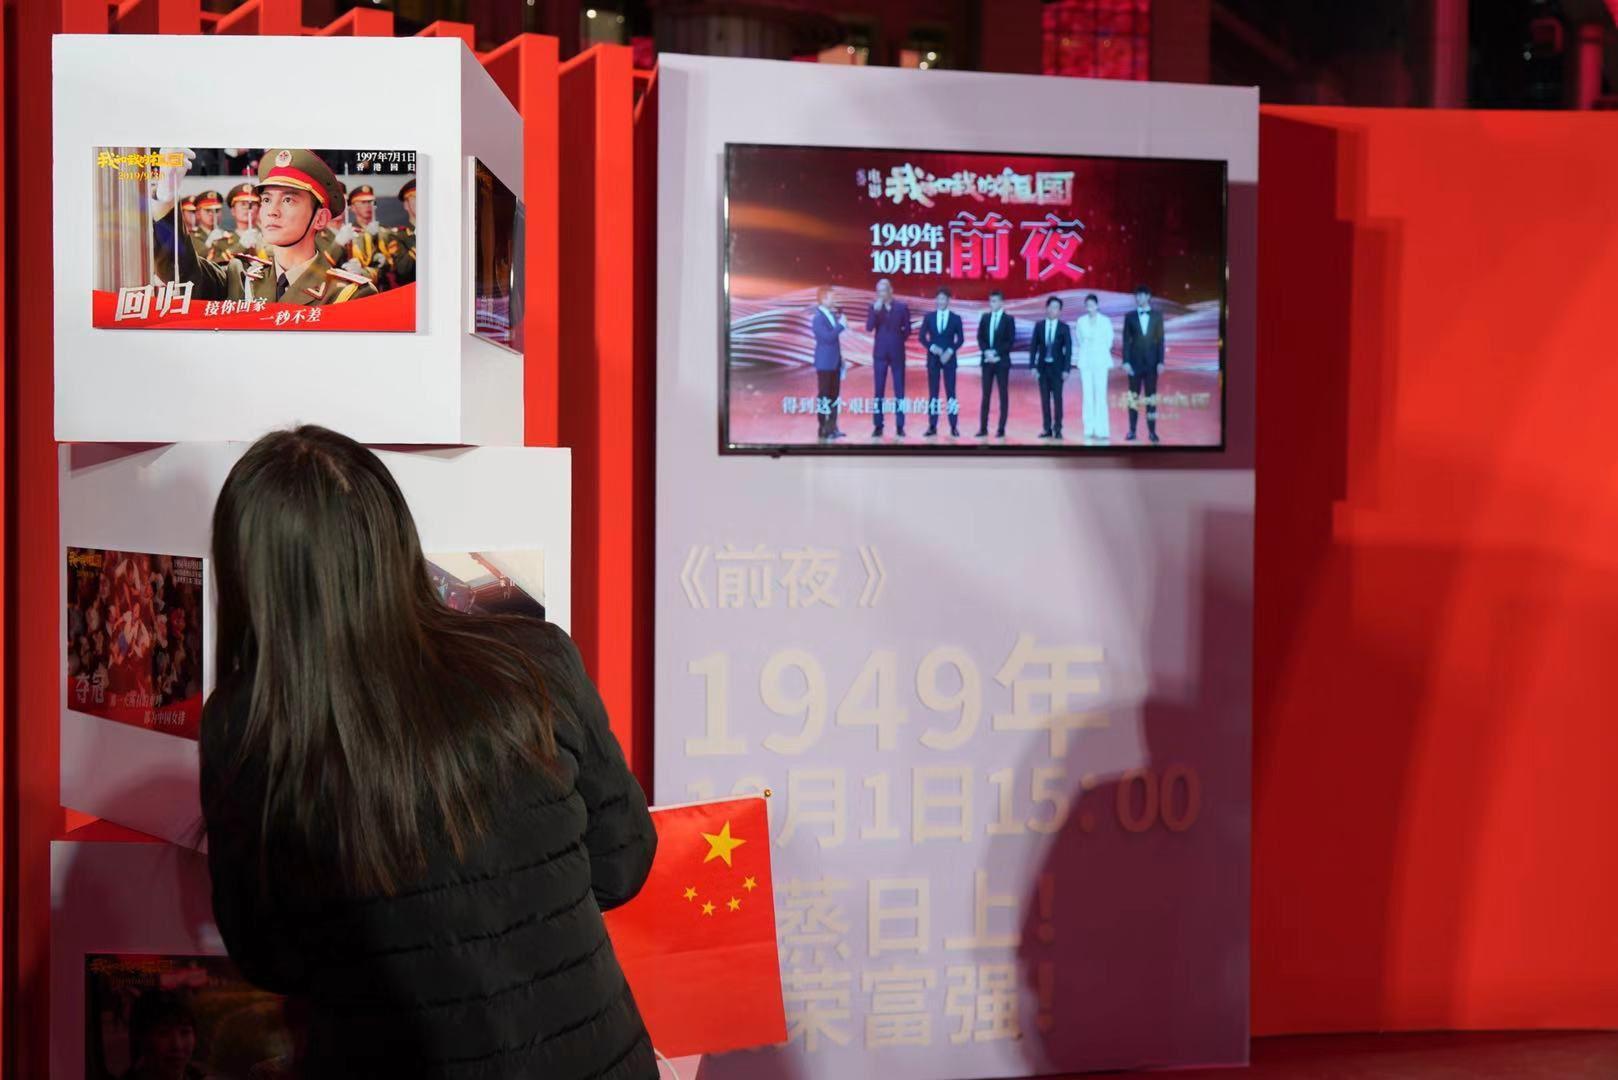 电影《我和我的祖国》×《歌唱祖国・一首歌一座城》影像互动体验展在京举办